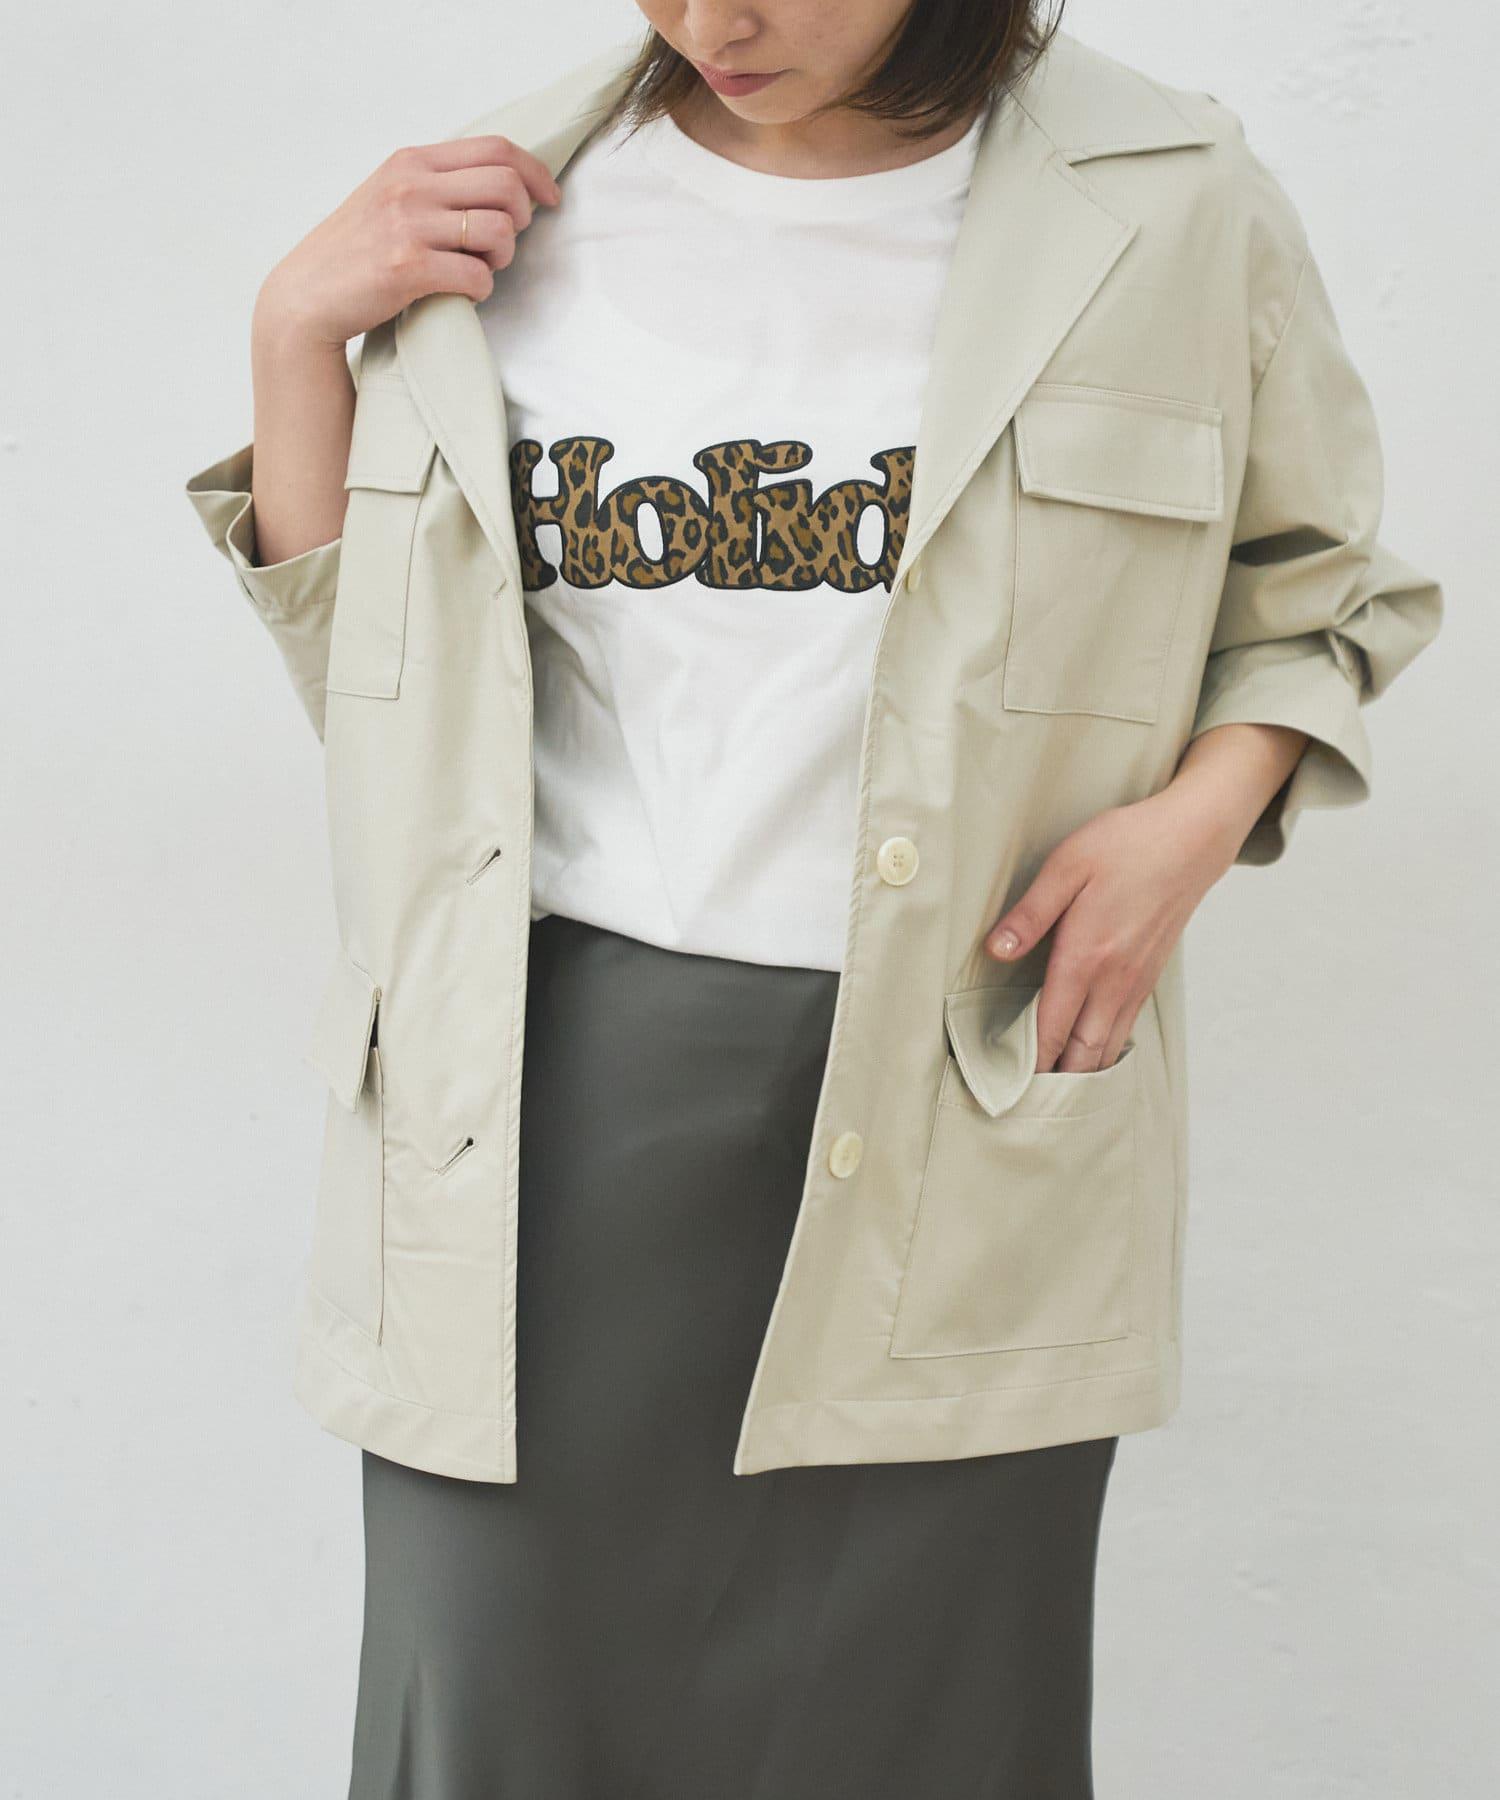 BONbazaar(ボンバザール) ※10%OFFクーポン対象《WEB限定》エコレザーシャツジャケット